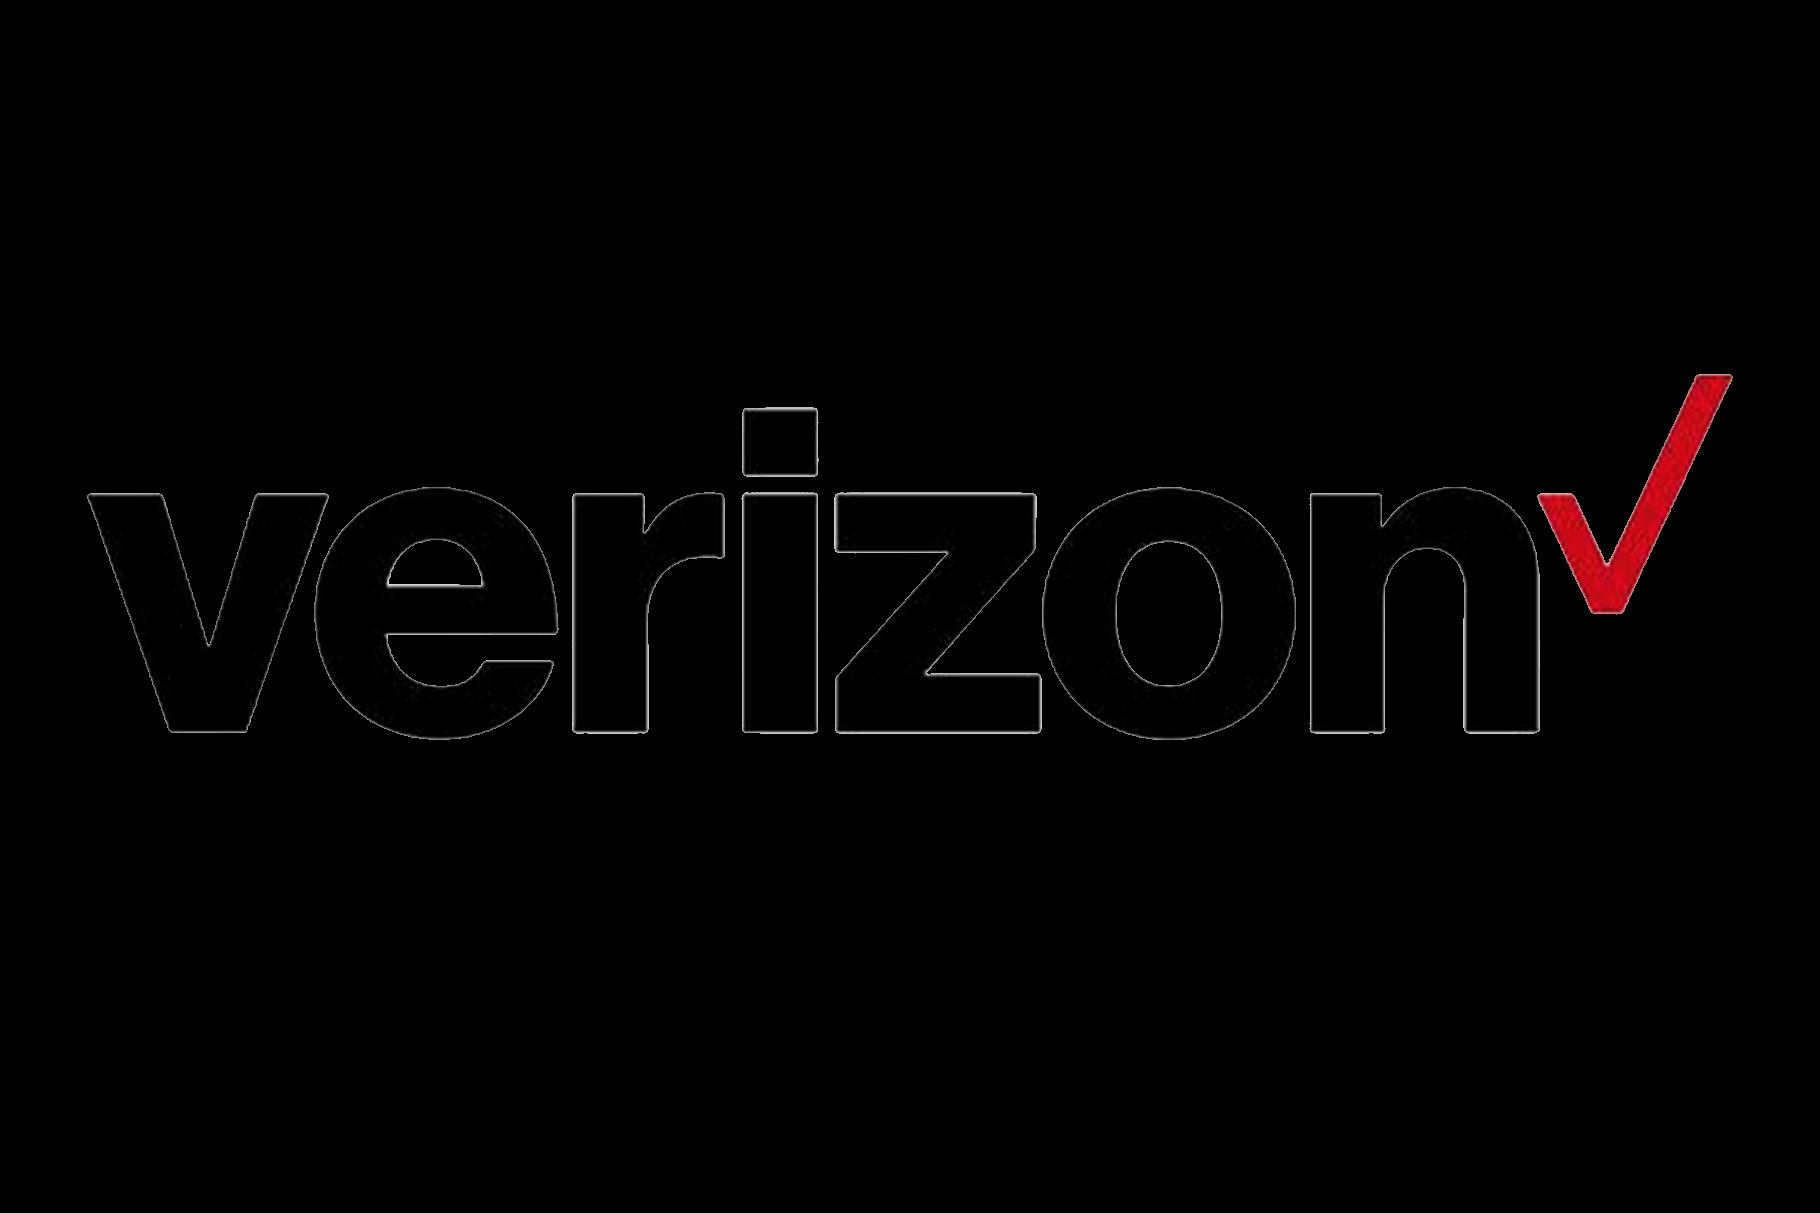 Verizon logo knock out.png